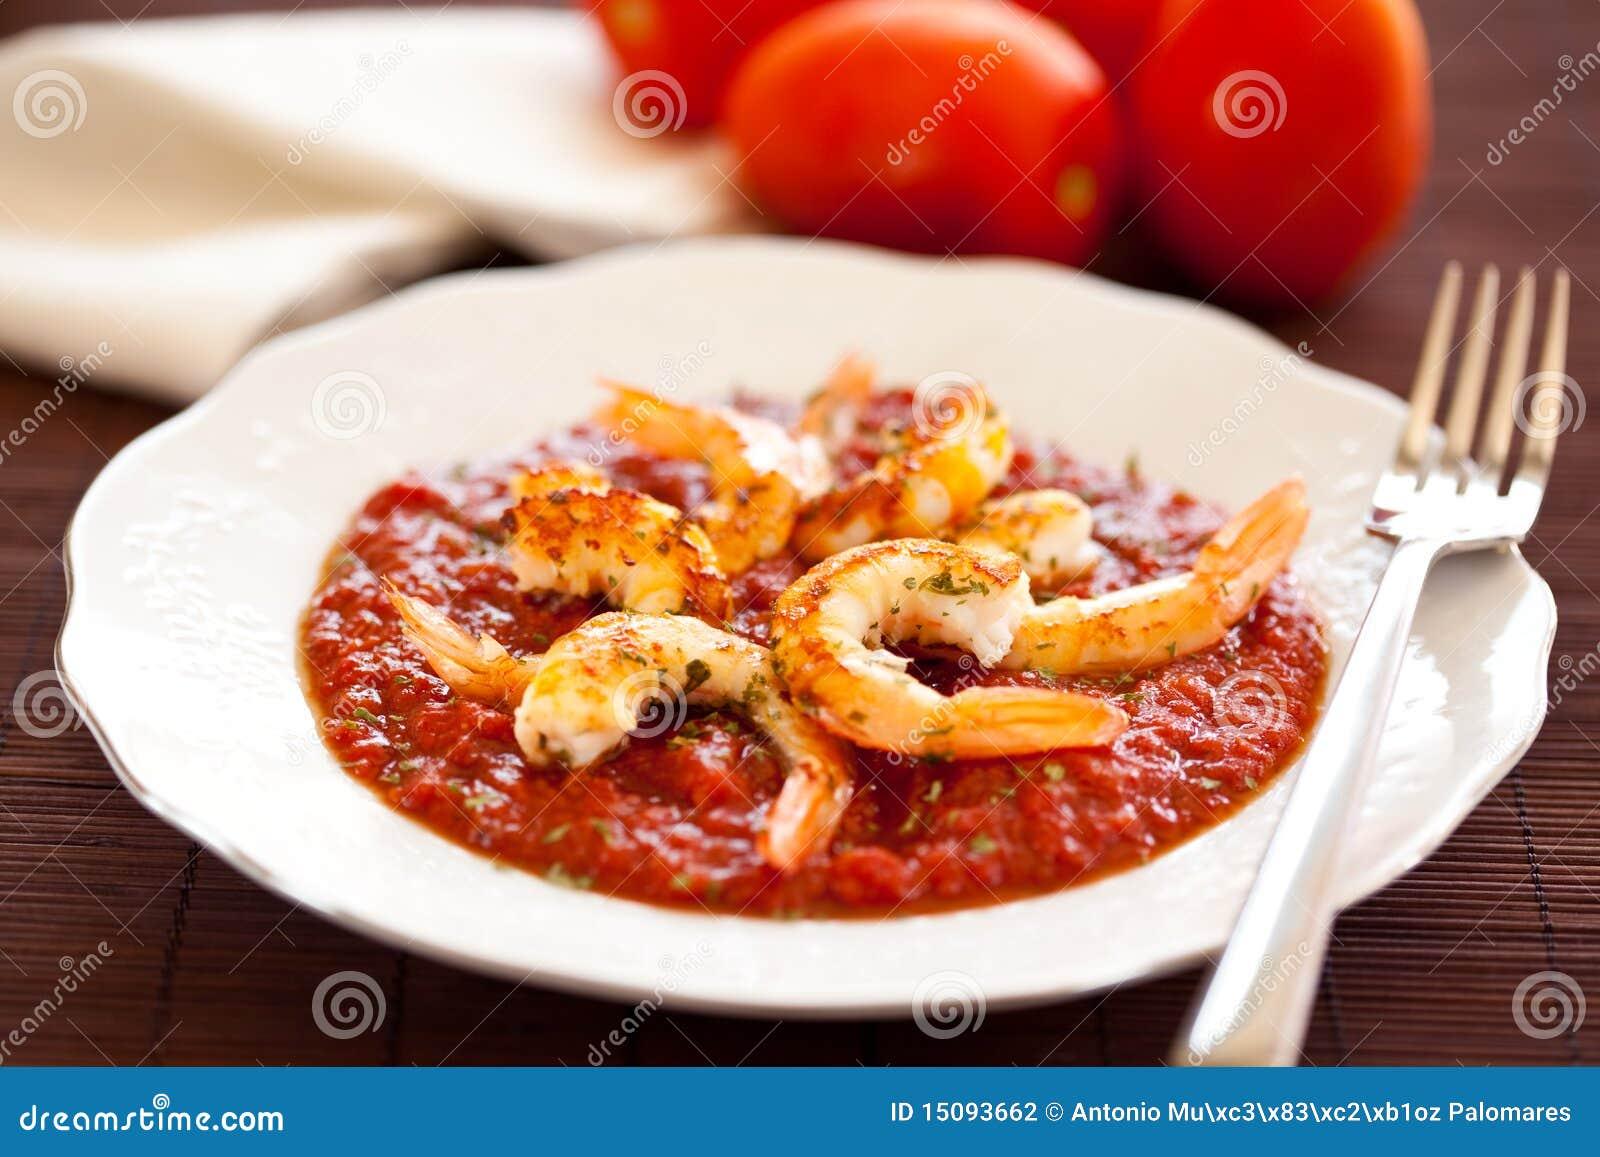 Shrimp roasted with fried tomato